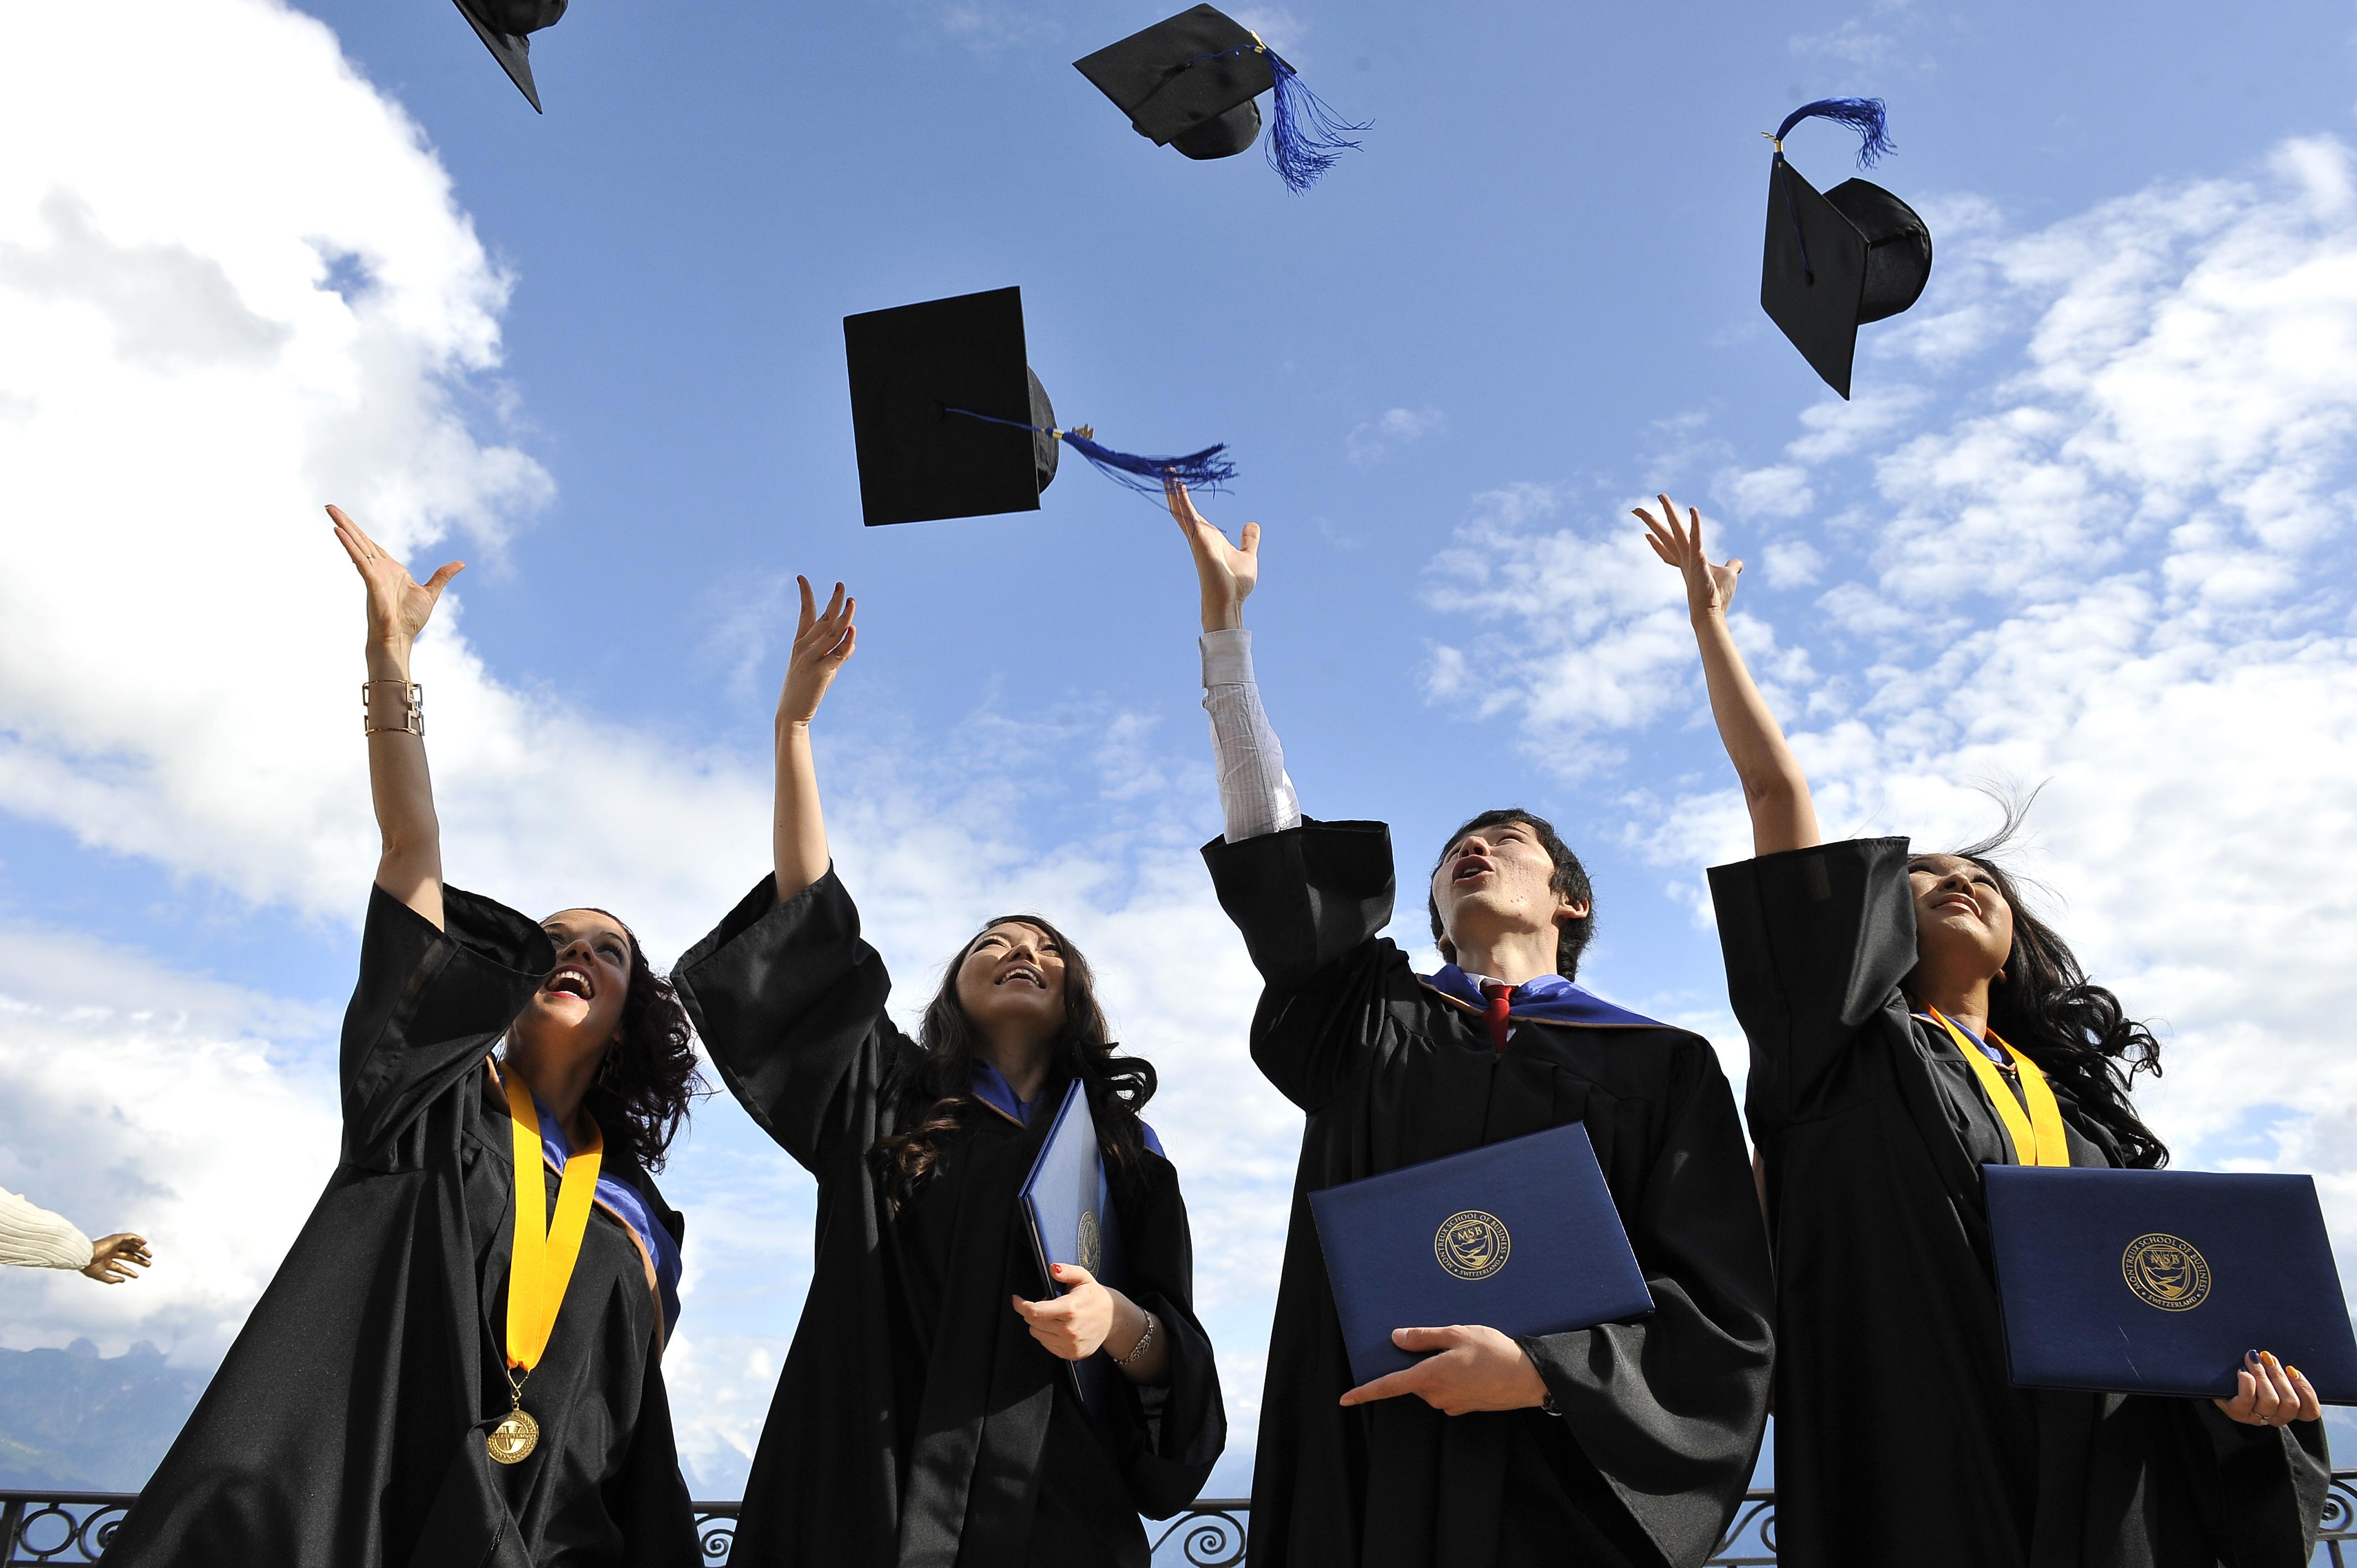 Высшее образование как процесс вторичной социализации детей